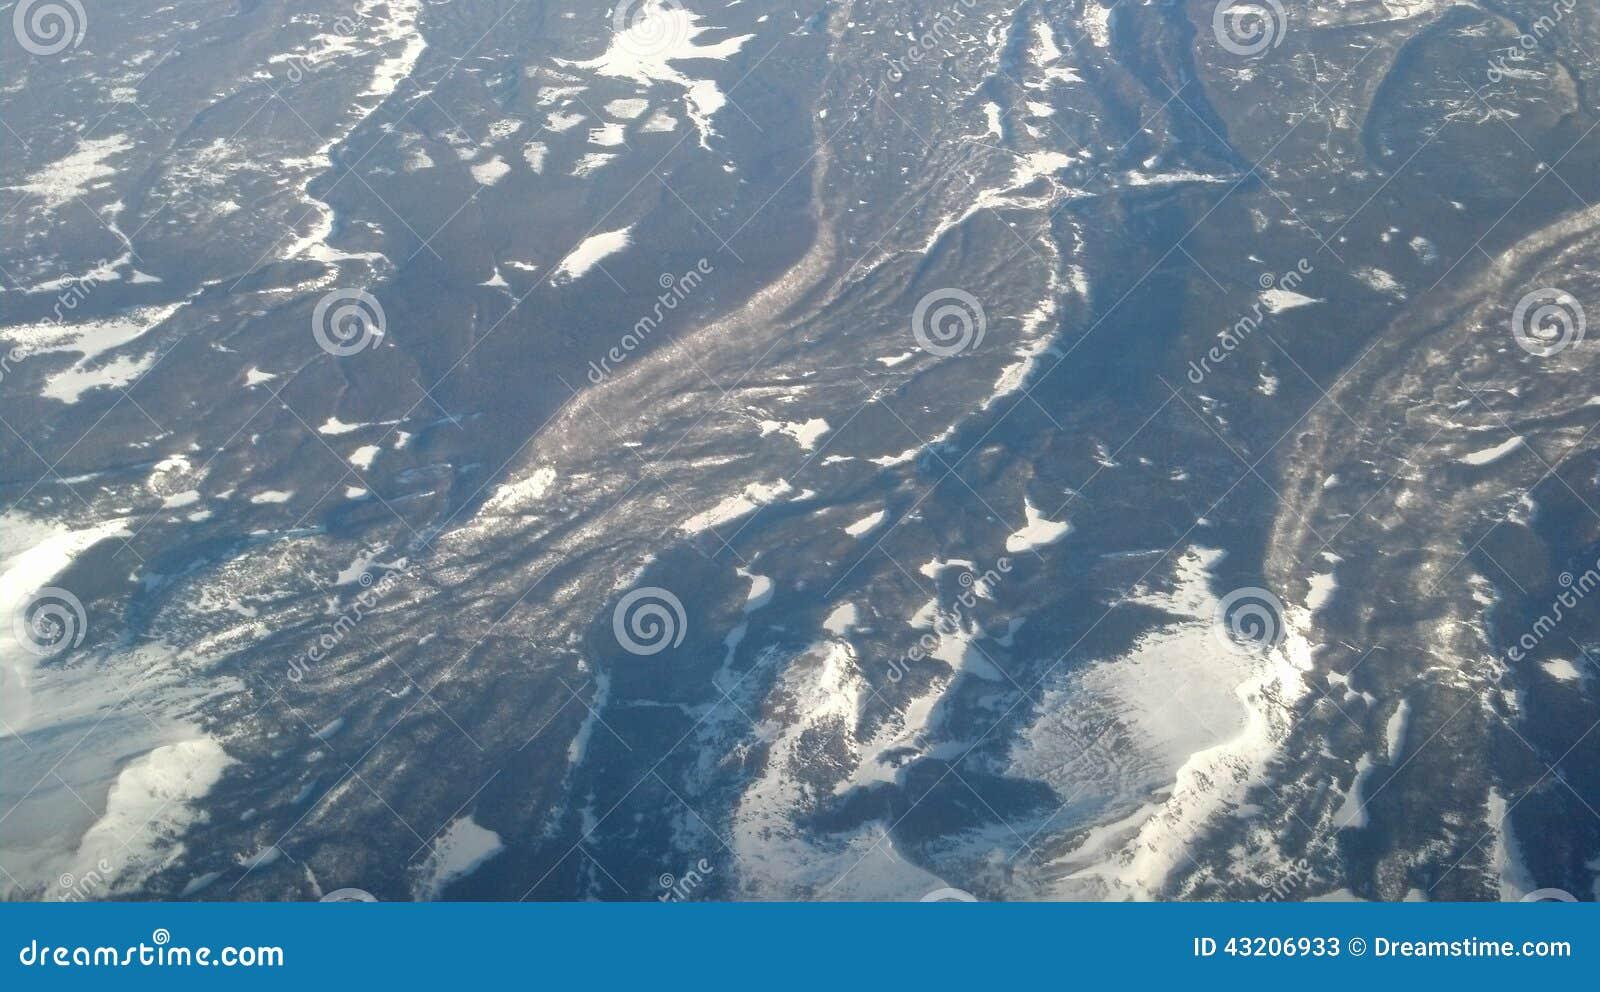 Download Tecken Av Geologisk Aktivitet För Stor Skala Fotografering för Bildbyråer - Bild av sedd, datalistor: 43206933